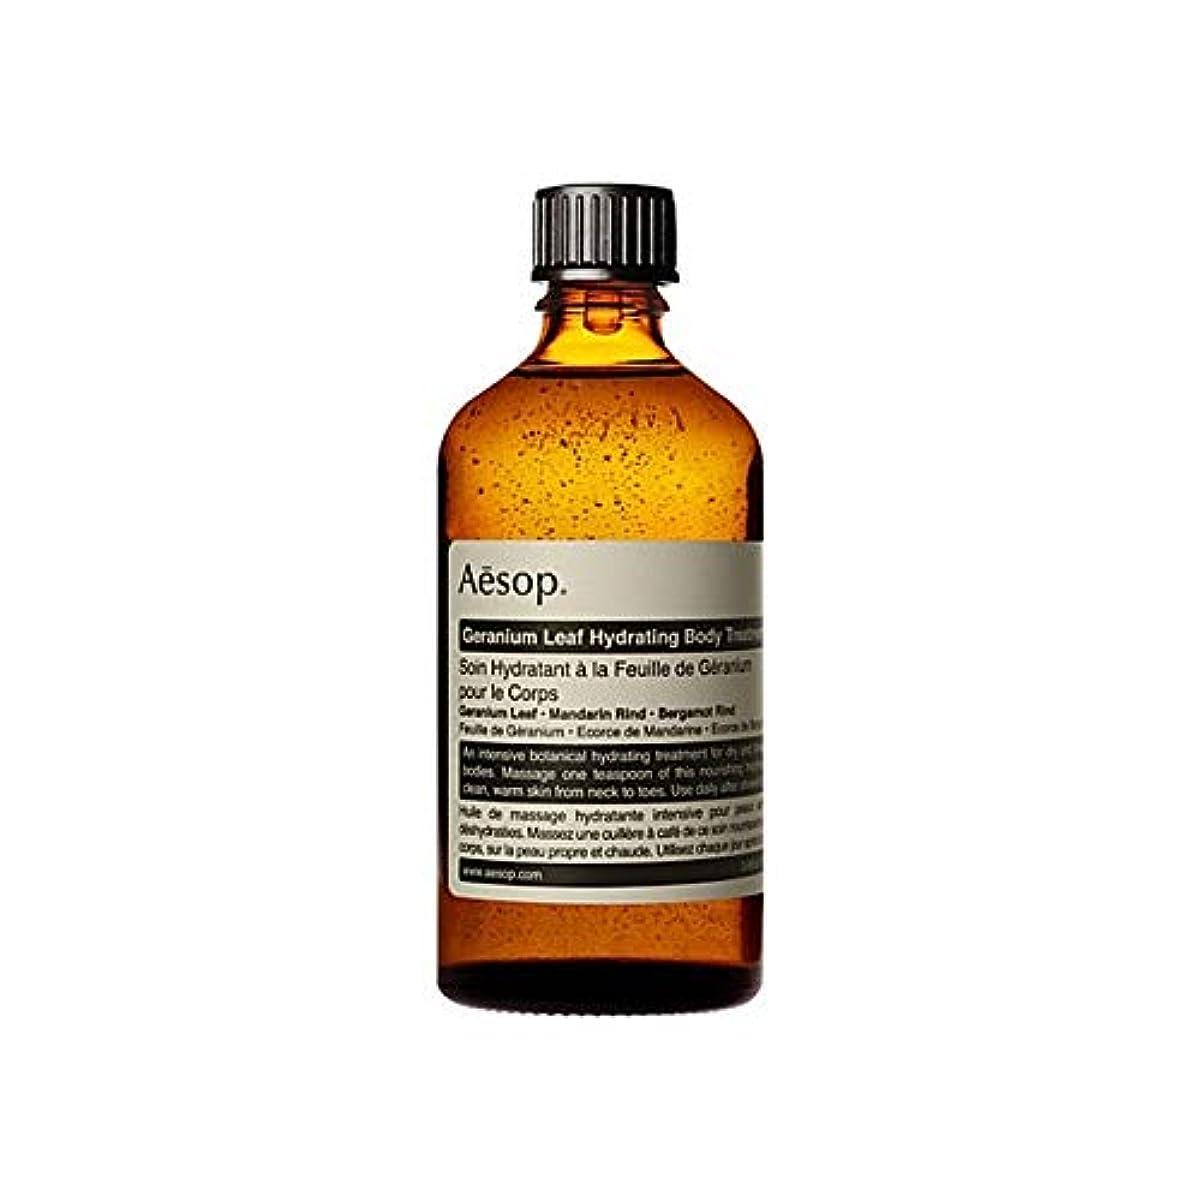 バースロマンス南アメリカ[Aesop] イソップのゼラニウムの葉水和ボディトリートメント100ミリリットル - Aesop Geranium Leaf Hydrating Body Treatment 100ml [並行輸入品]